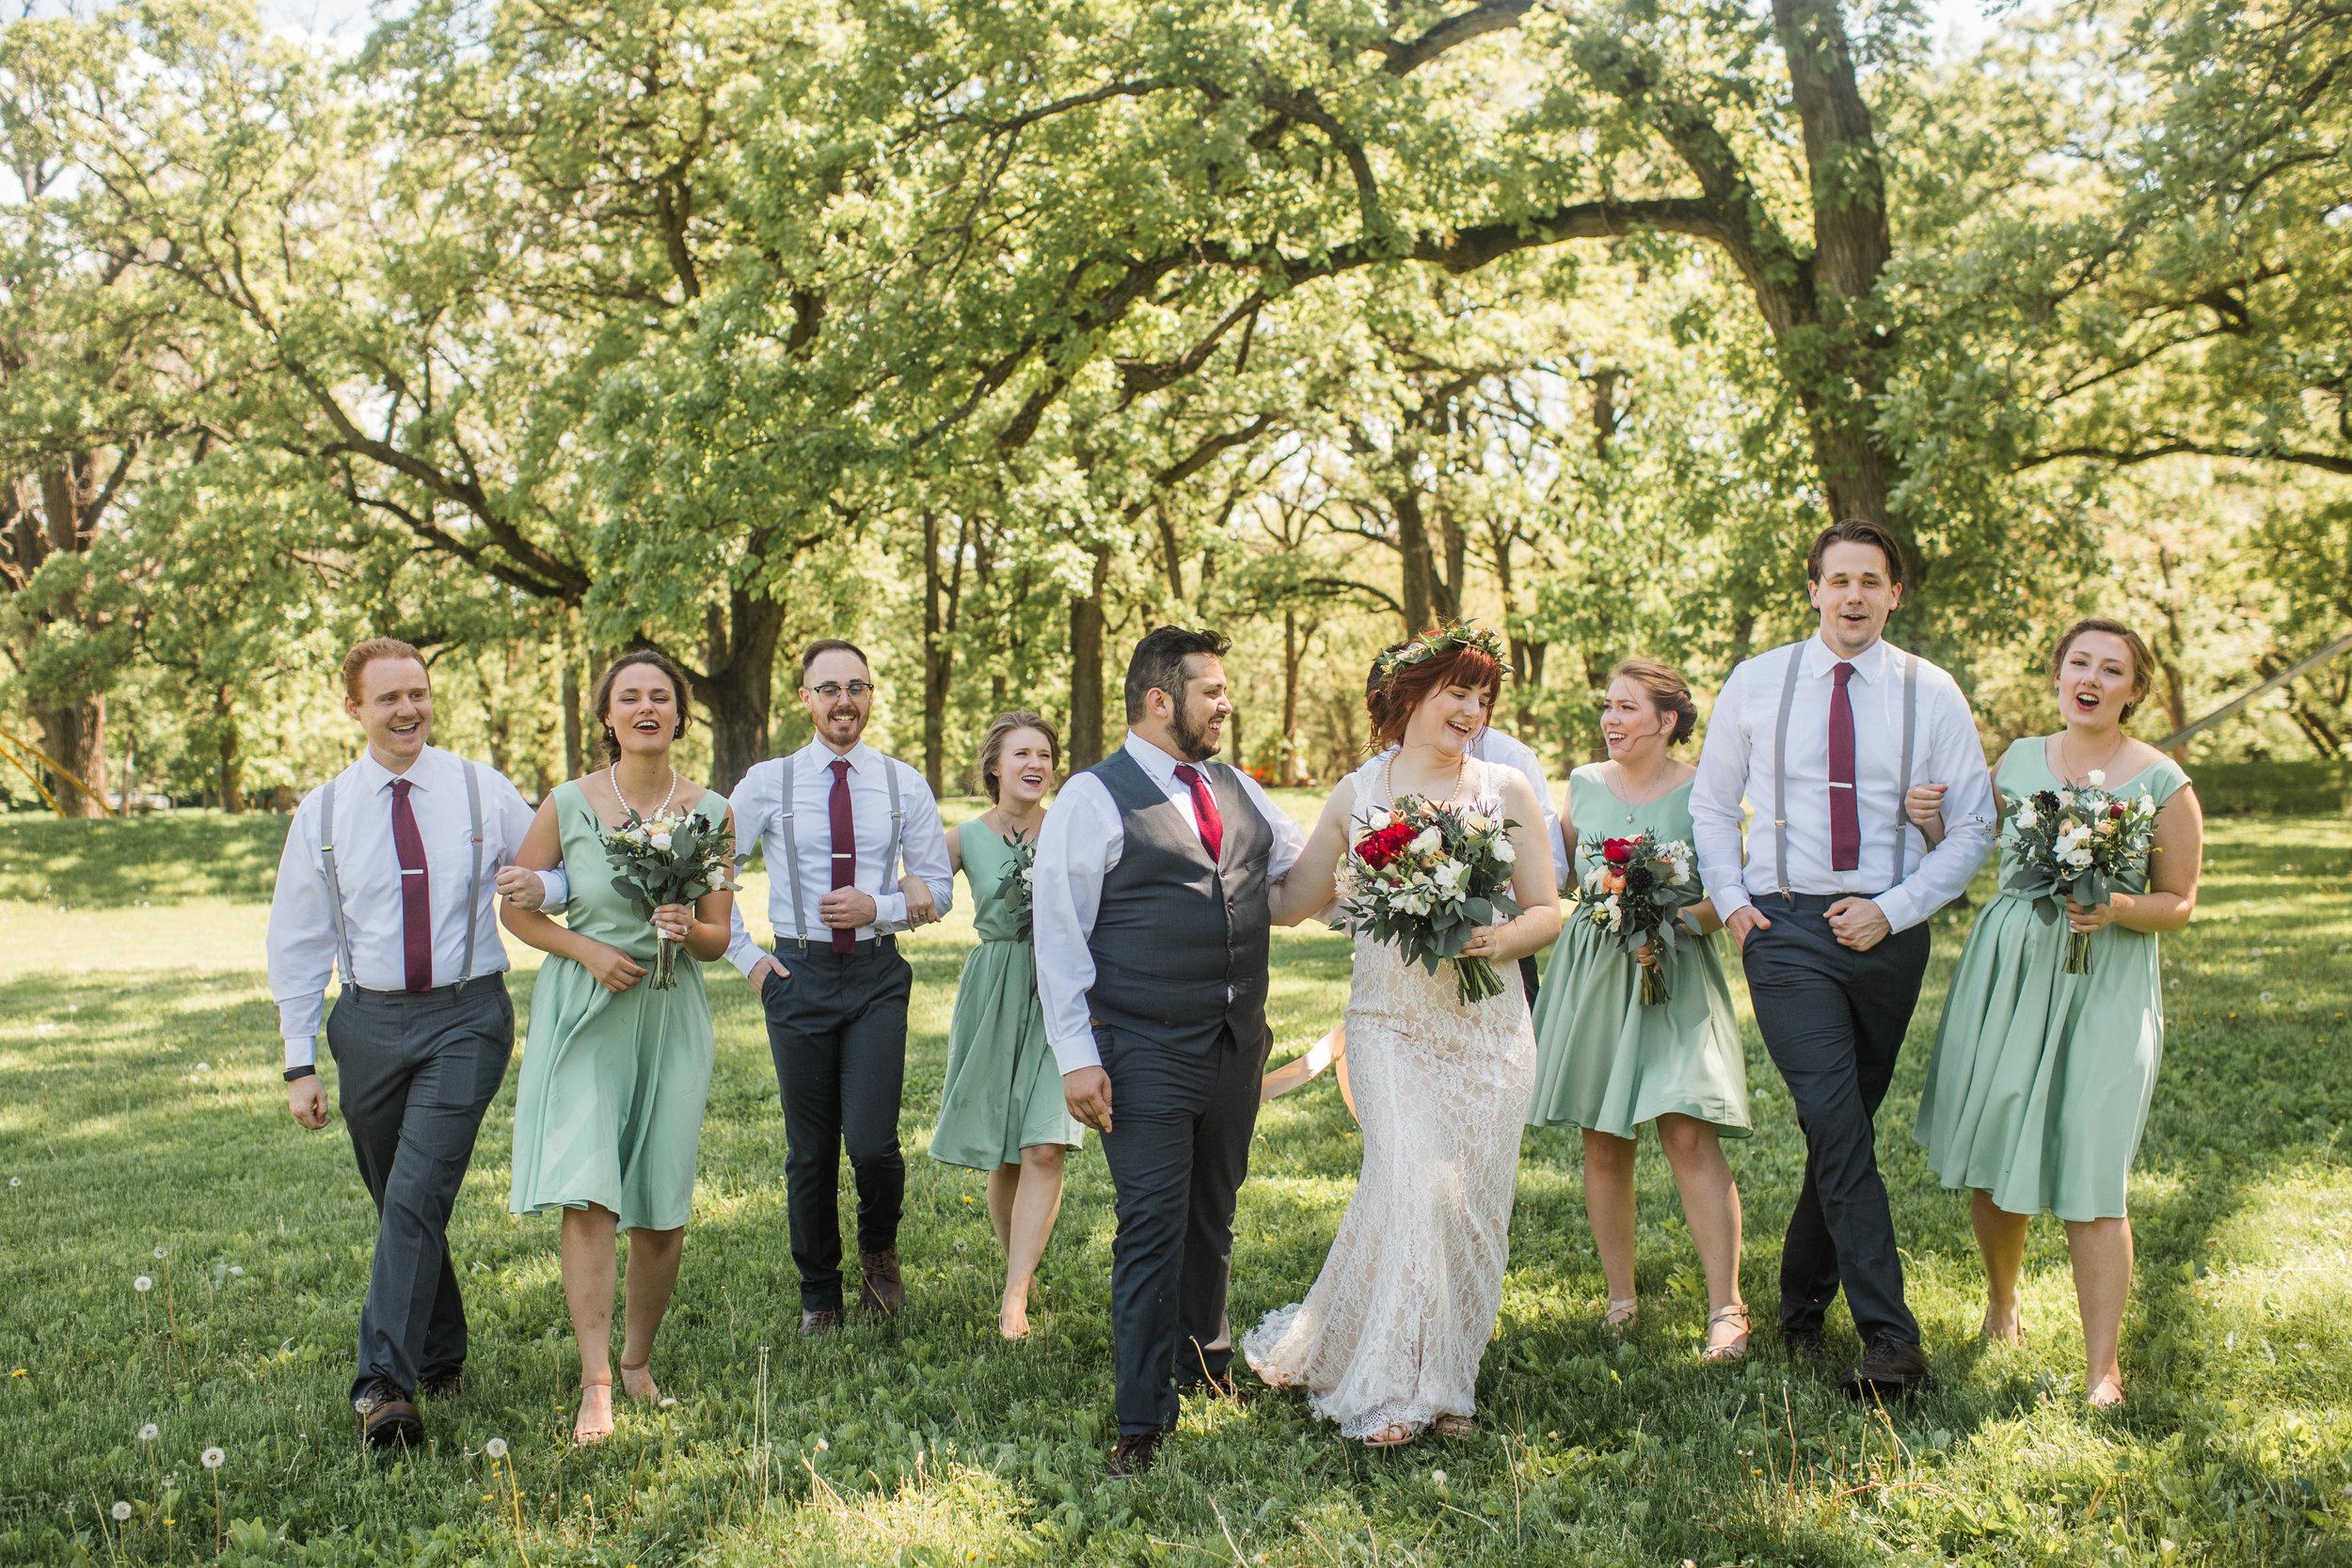 fun laughing bridal party wedding photos des moines